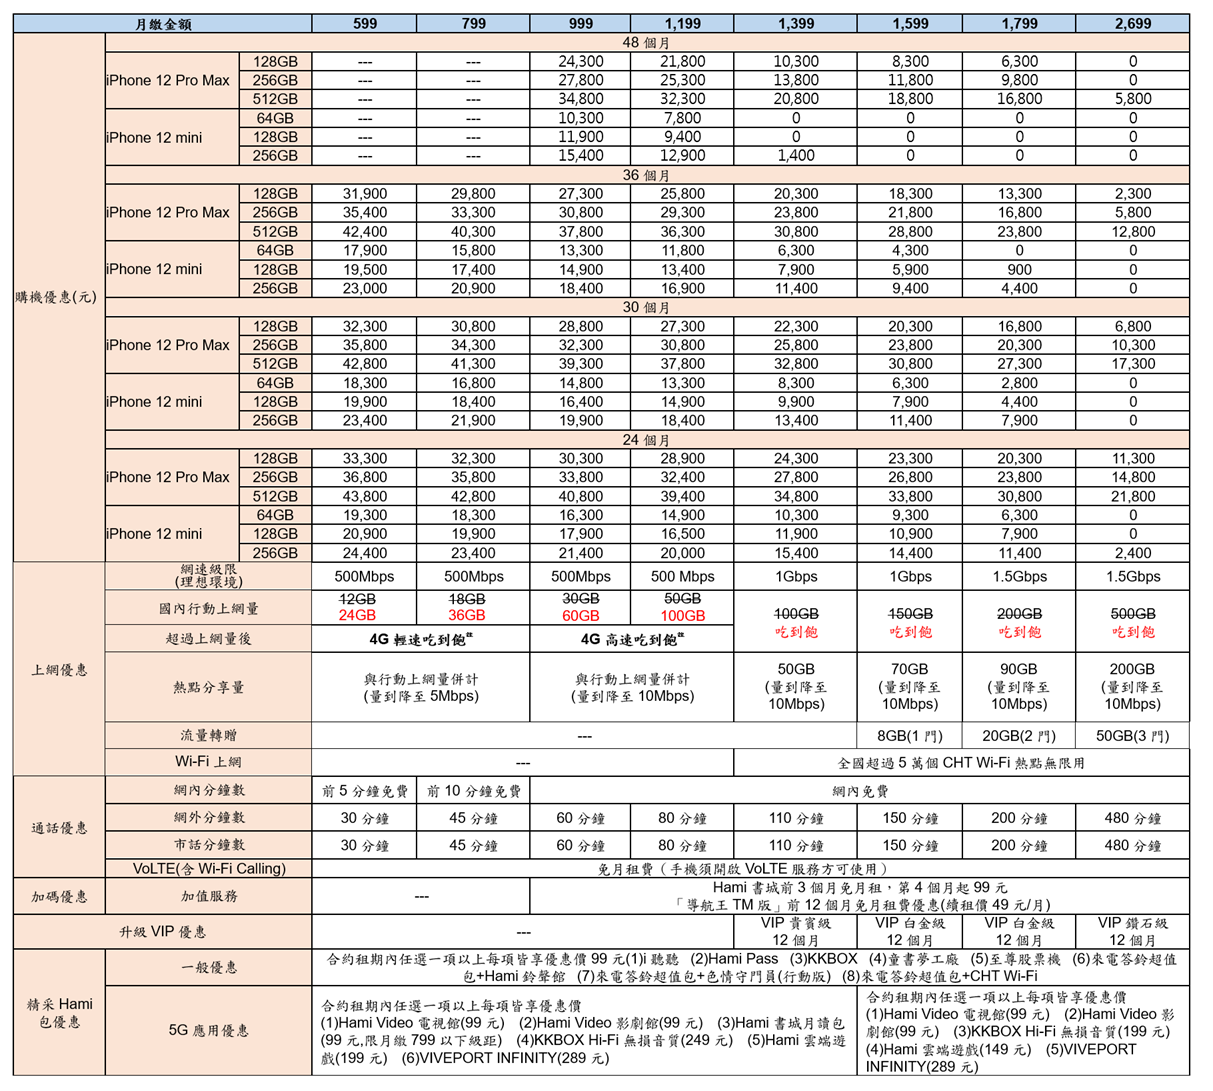 中華電信公布 iPhone 12 Pro Max、iPhone 12 mini 購機資費 頂規 5G 旗艦新機 iPhone 12Pro Max 專案價 0 元入手 @3C 達人廖阿輝